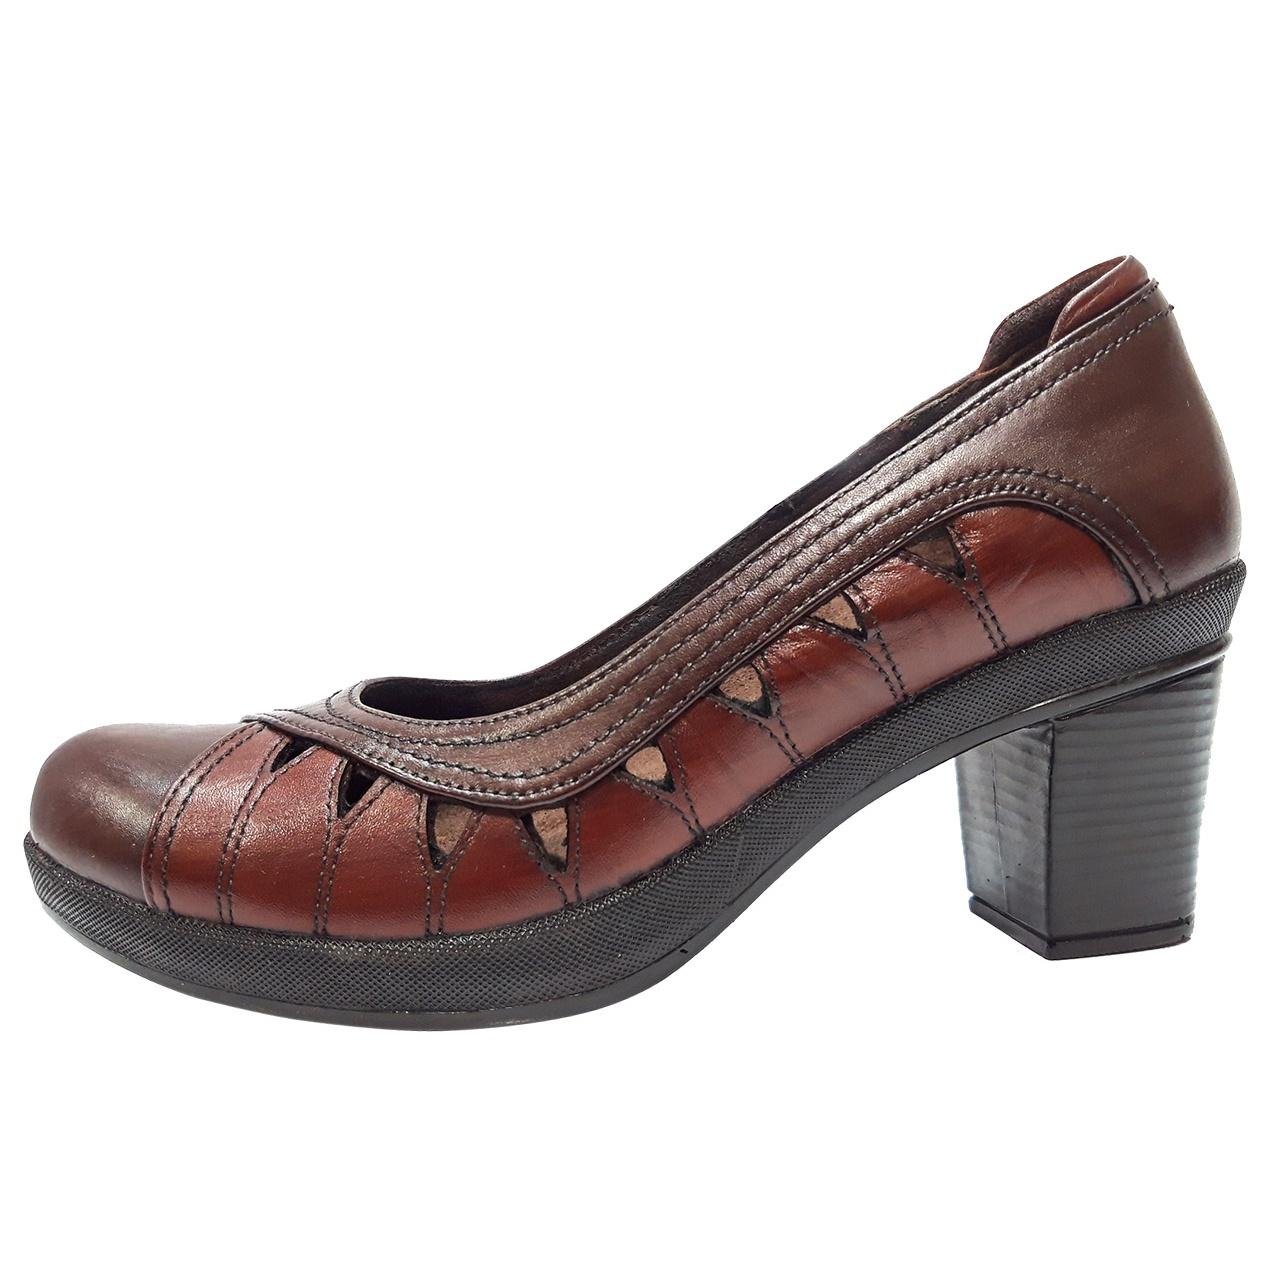 خرید                      کفش زنانه روشن مدل پانلی کد 02